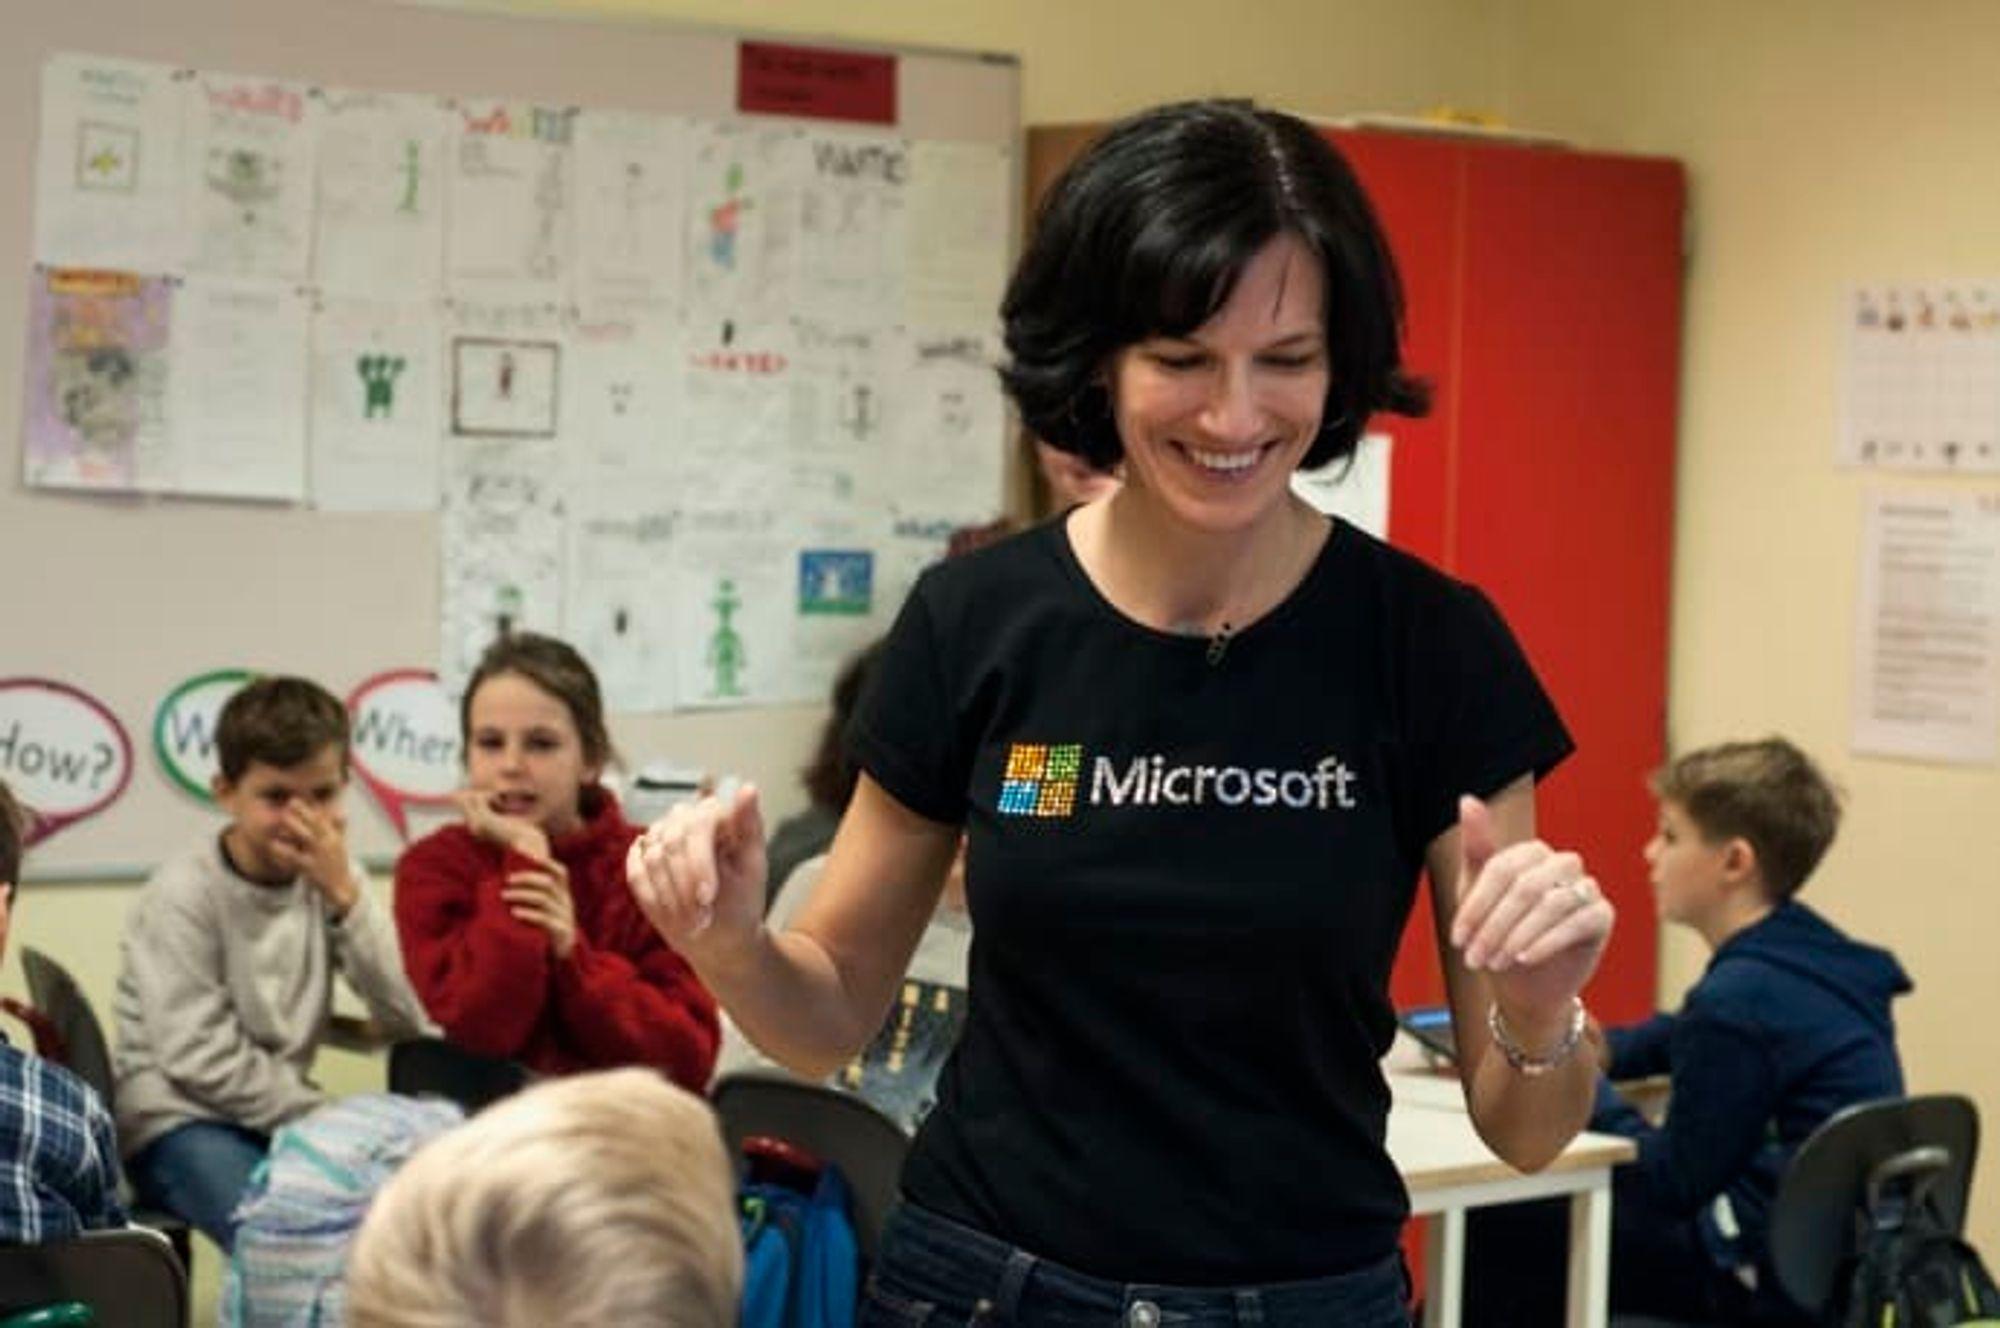 Administrerende direktør i Microsoft Norge Kimberly Lein-Mathisen var med på åpningen av Kodetimen på Jar skole i Bærum.